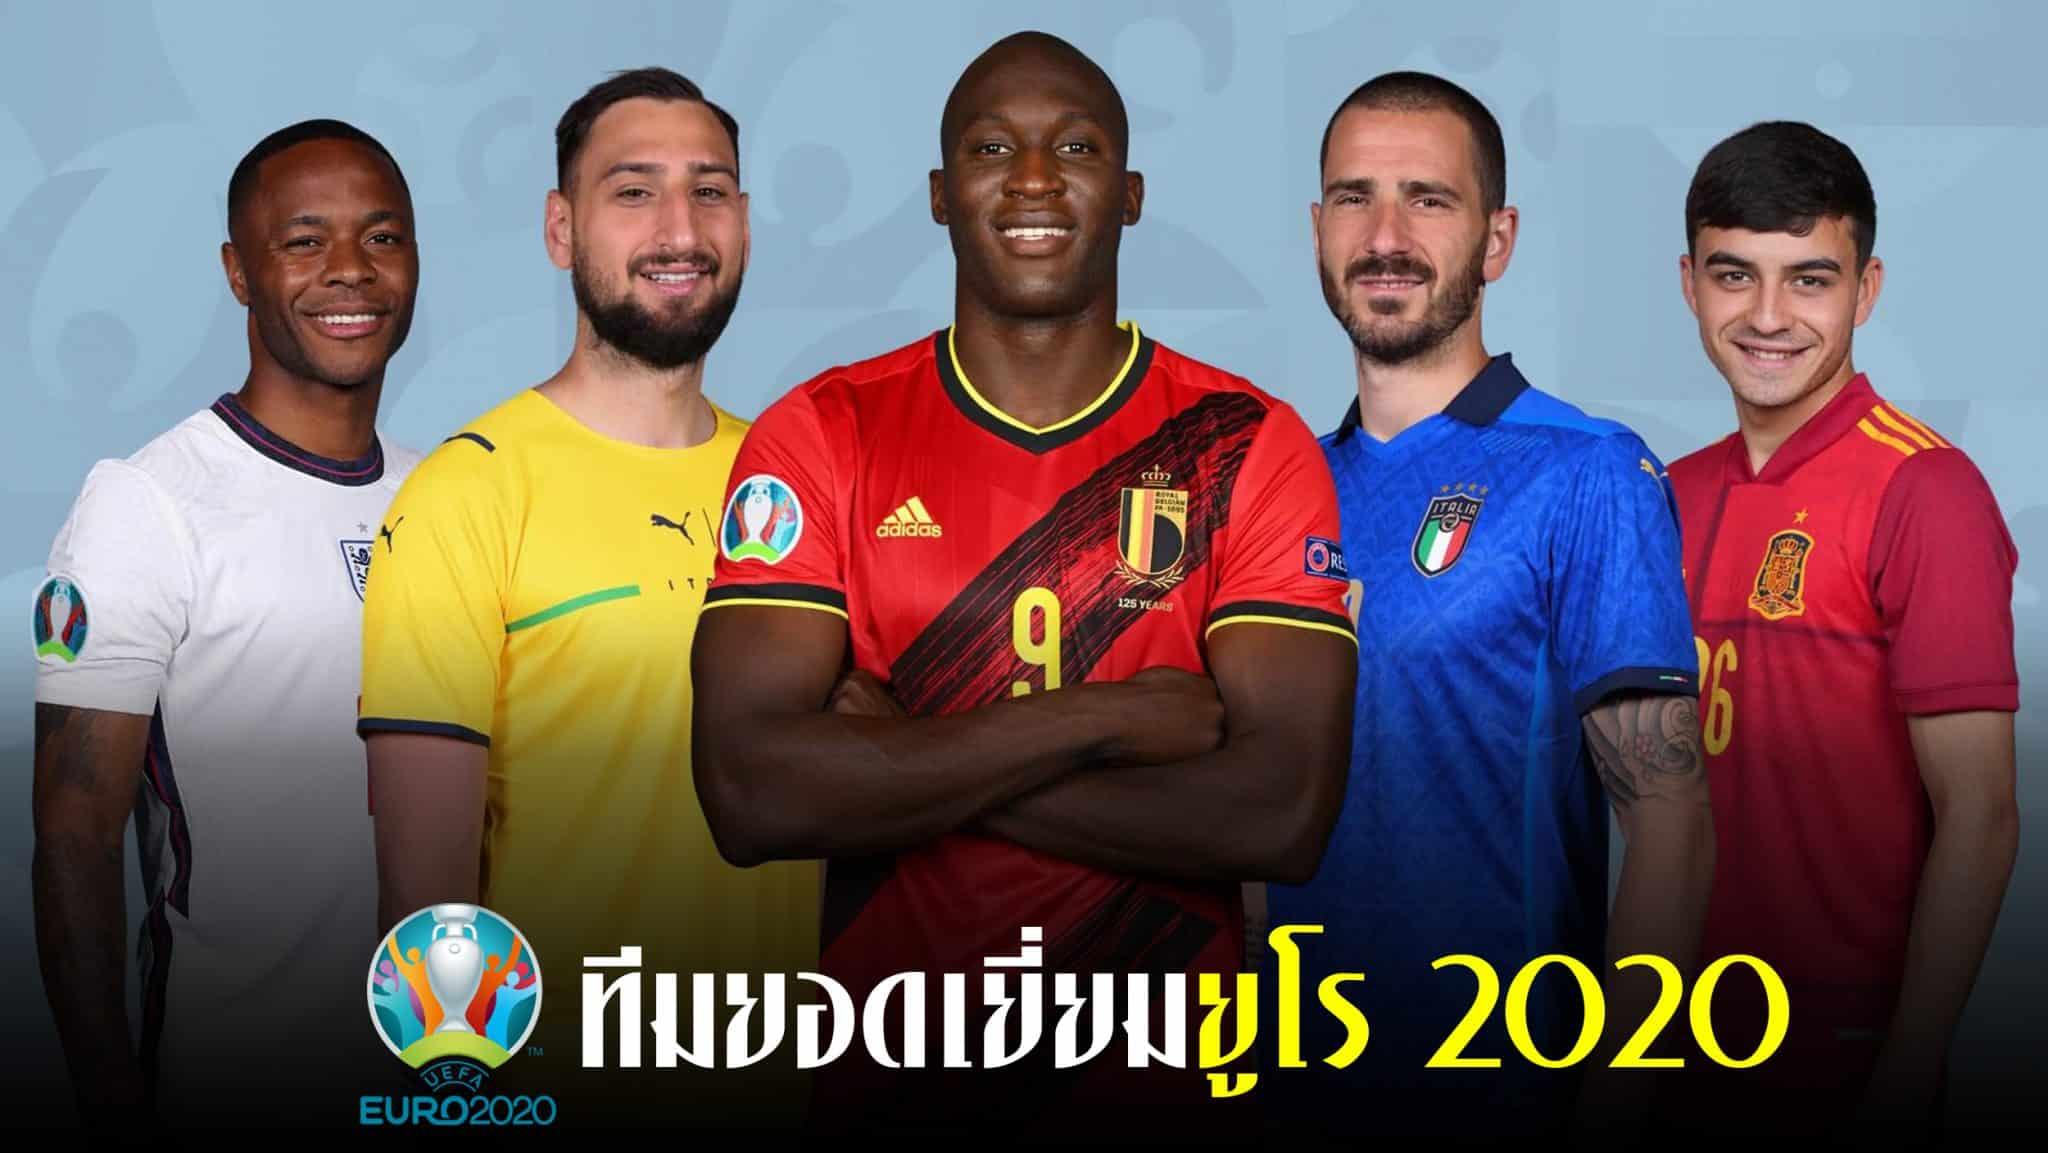 ทีมยอดเยี่ยมยูโร 2020